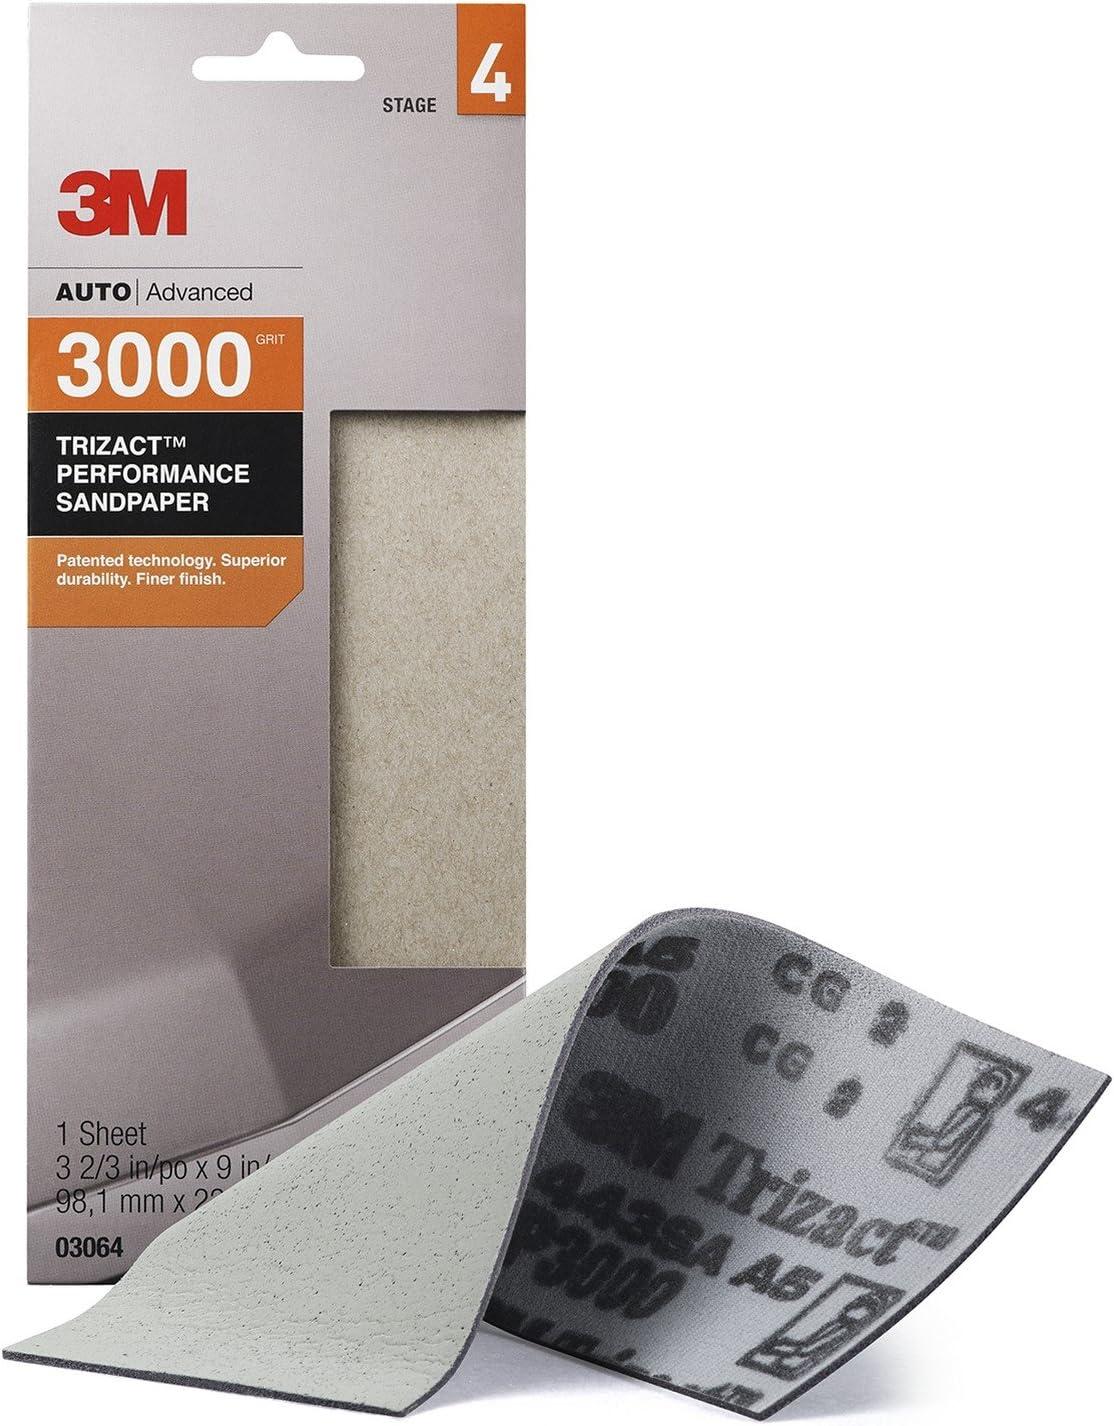 3M Trizact Performance Sandpaper, 03056, 5000, 3 2/3 in x 9 in: Garden & Outdoor